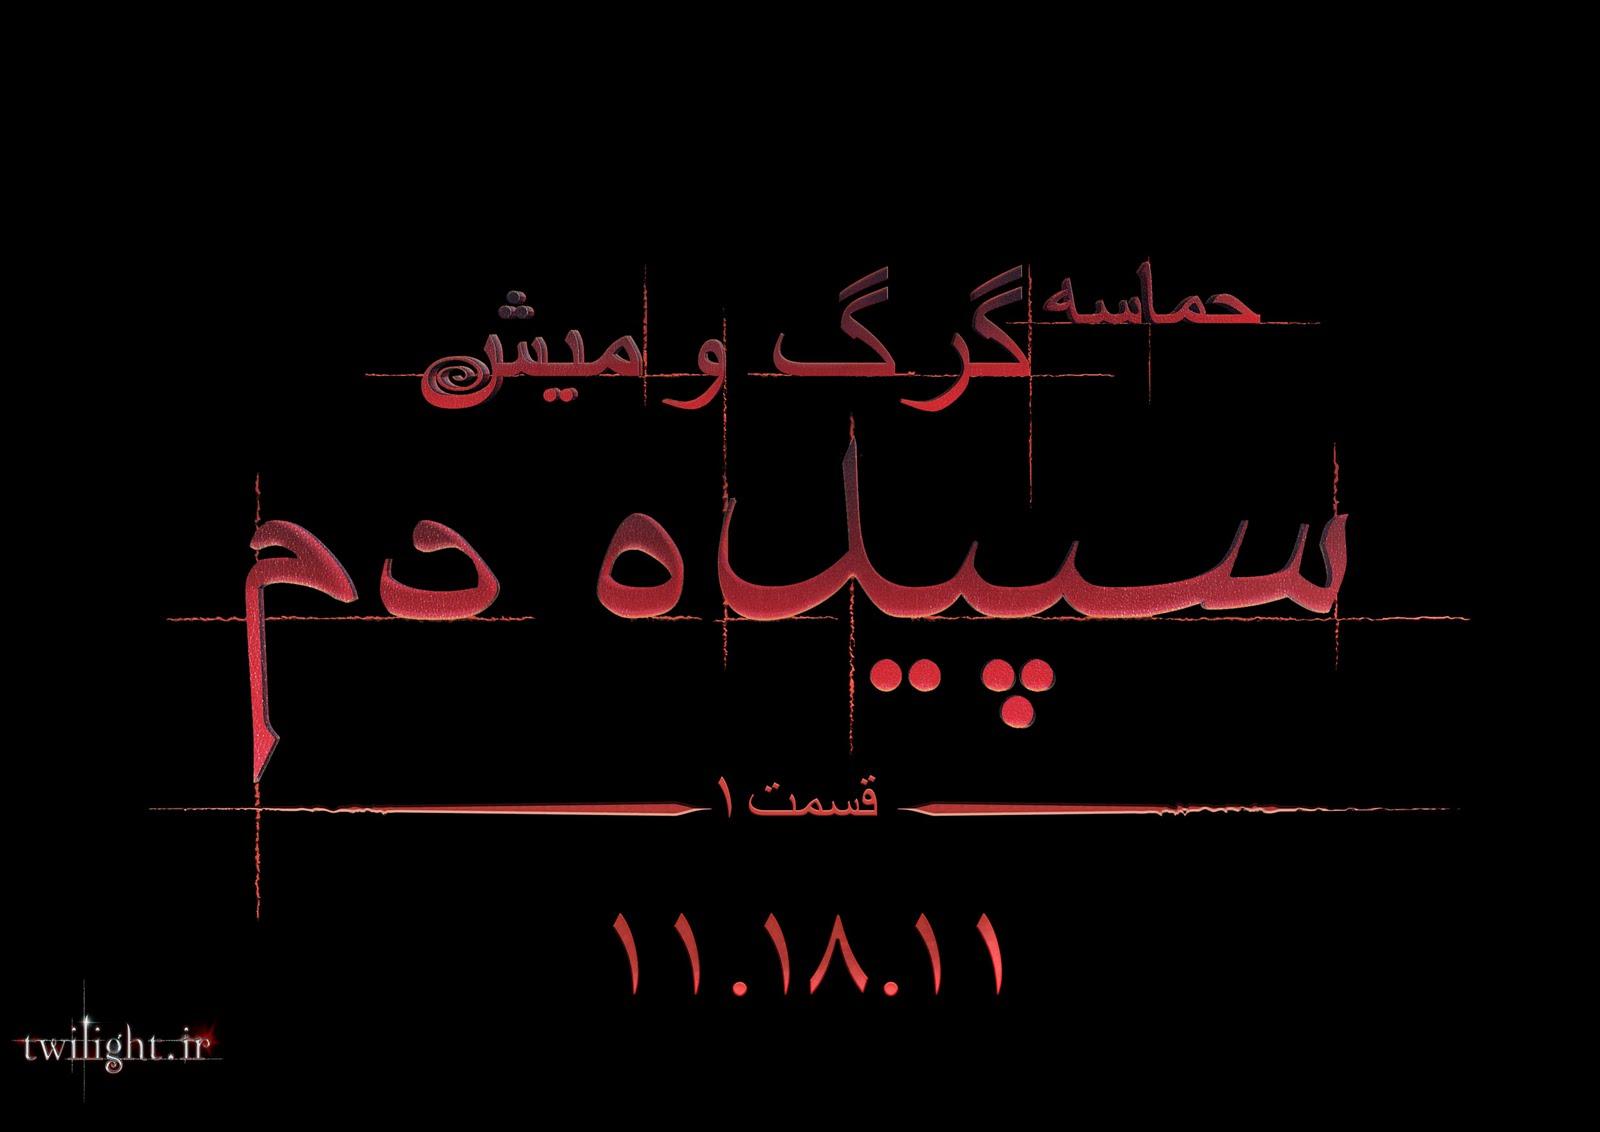 http://2.bp.blogspot.com/-r-J-NvEDTWQ/Tm-08GX9xRI/AAAAAAAAArk/52tp_jjRisQ/s1600/iran.jpg